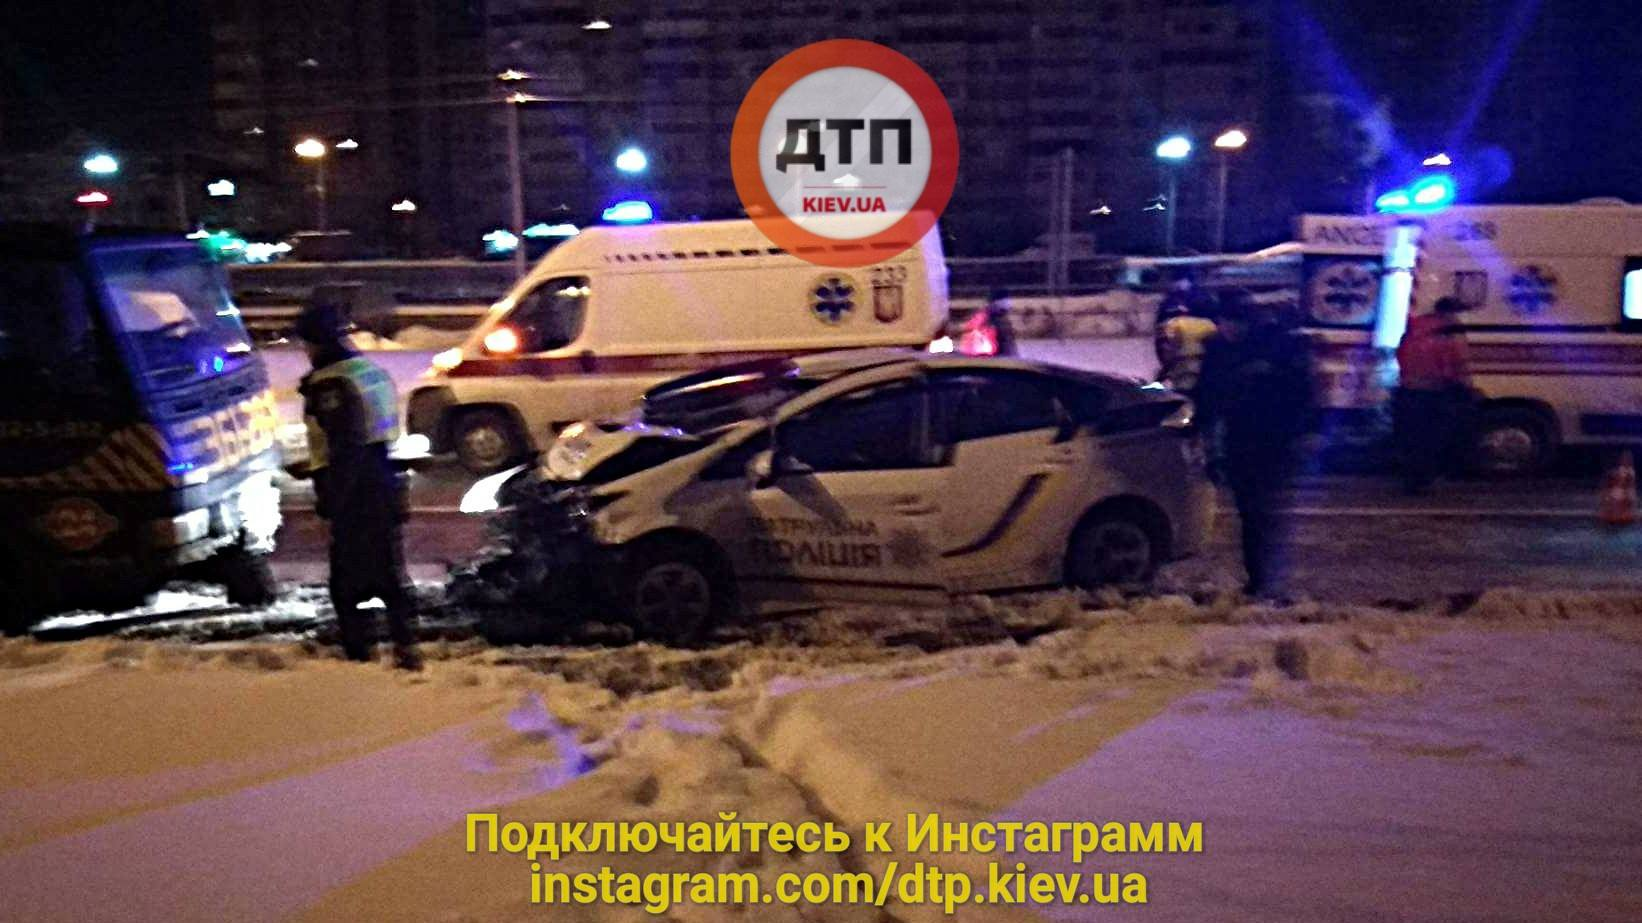 В Киеве патрульное авто врезалось в эвакуатор: есть пострадавшие